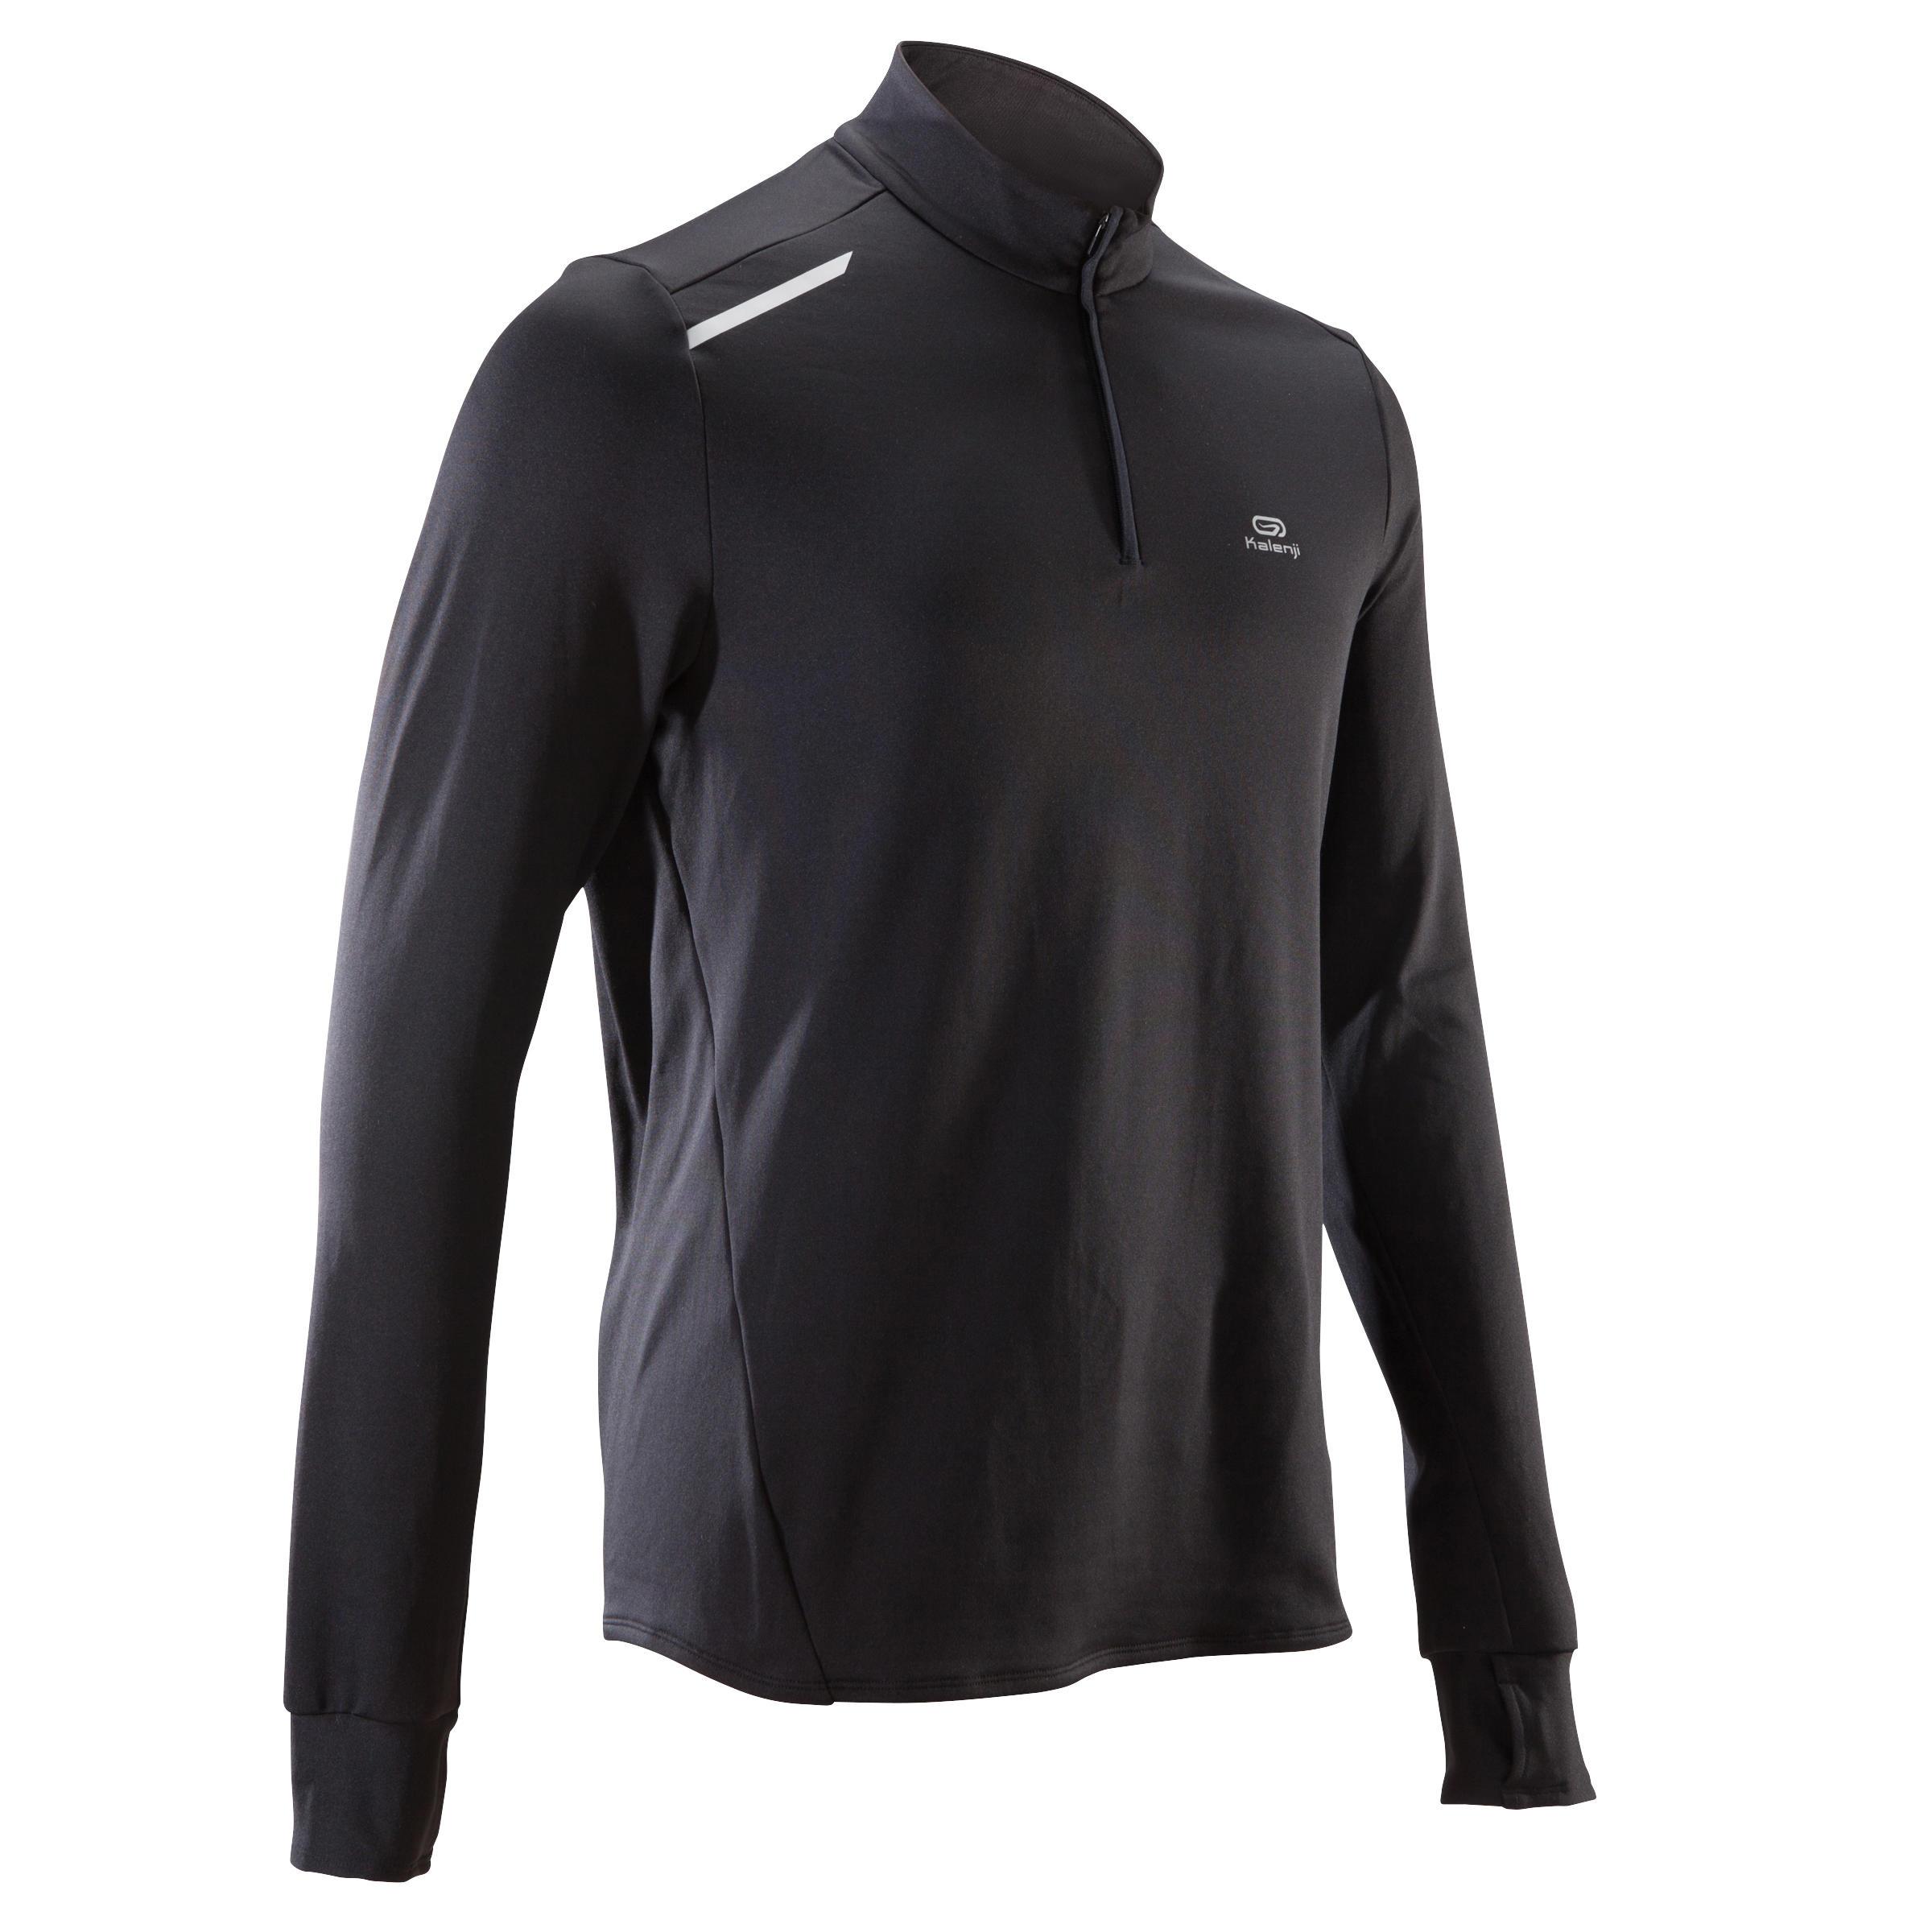 Tee shirt manches longues running homme run warm noir kalenji